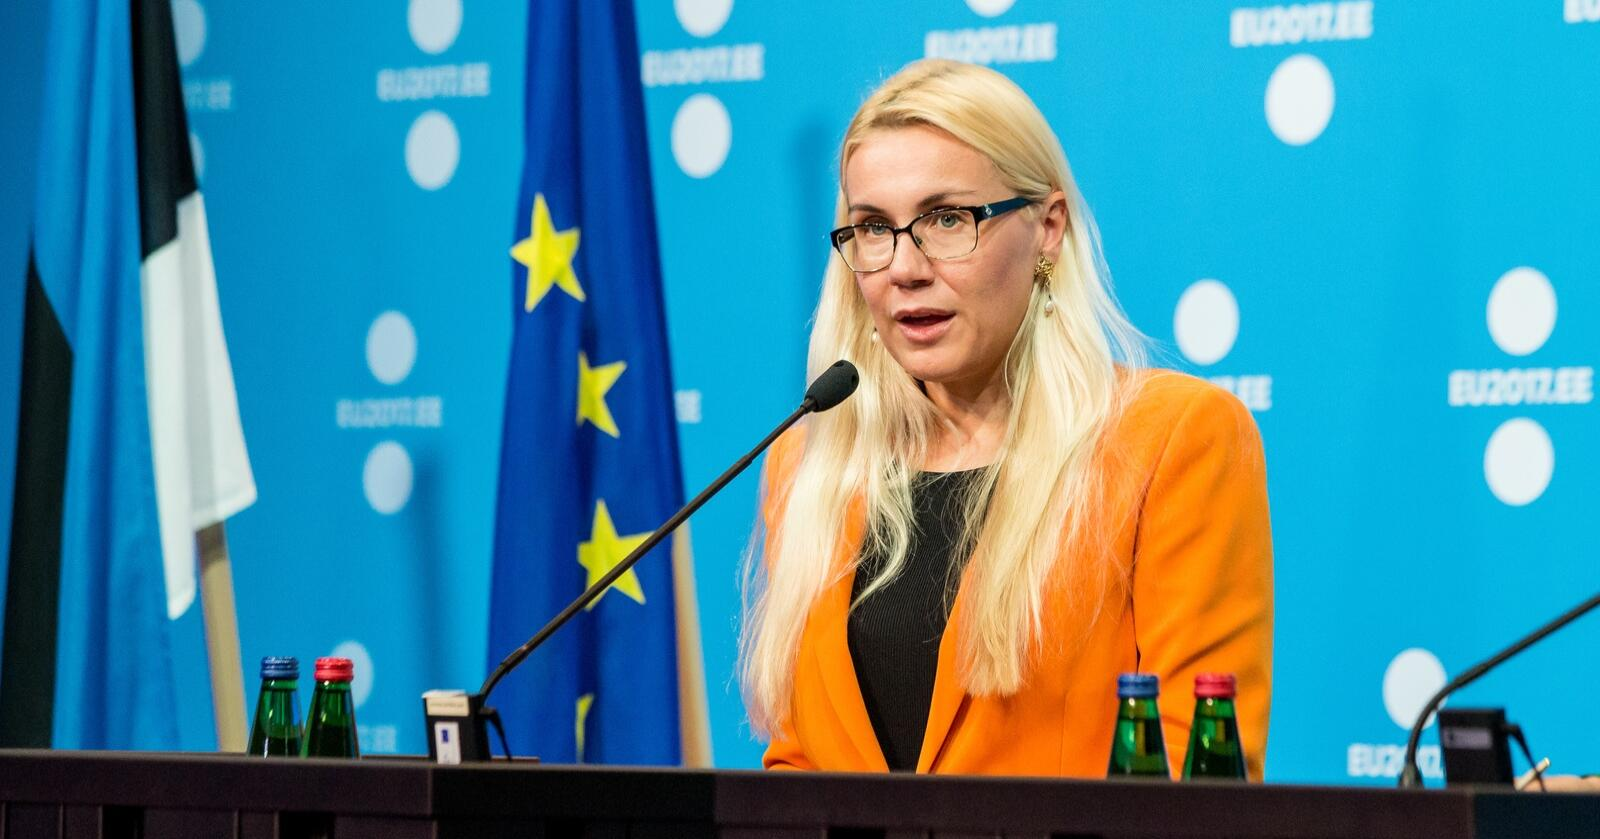 Kadri Simson, er EUs energikommisjonær og tidligere estisk finansminister, presenterte EUs verktøykasse mot økende kraftpriser onsdag. Foto: Aron Urb (EU2017EE)